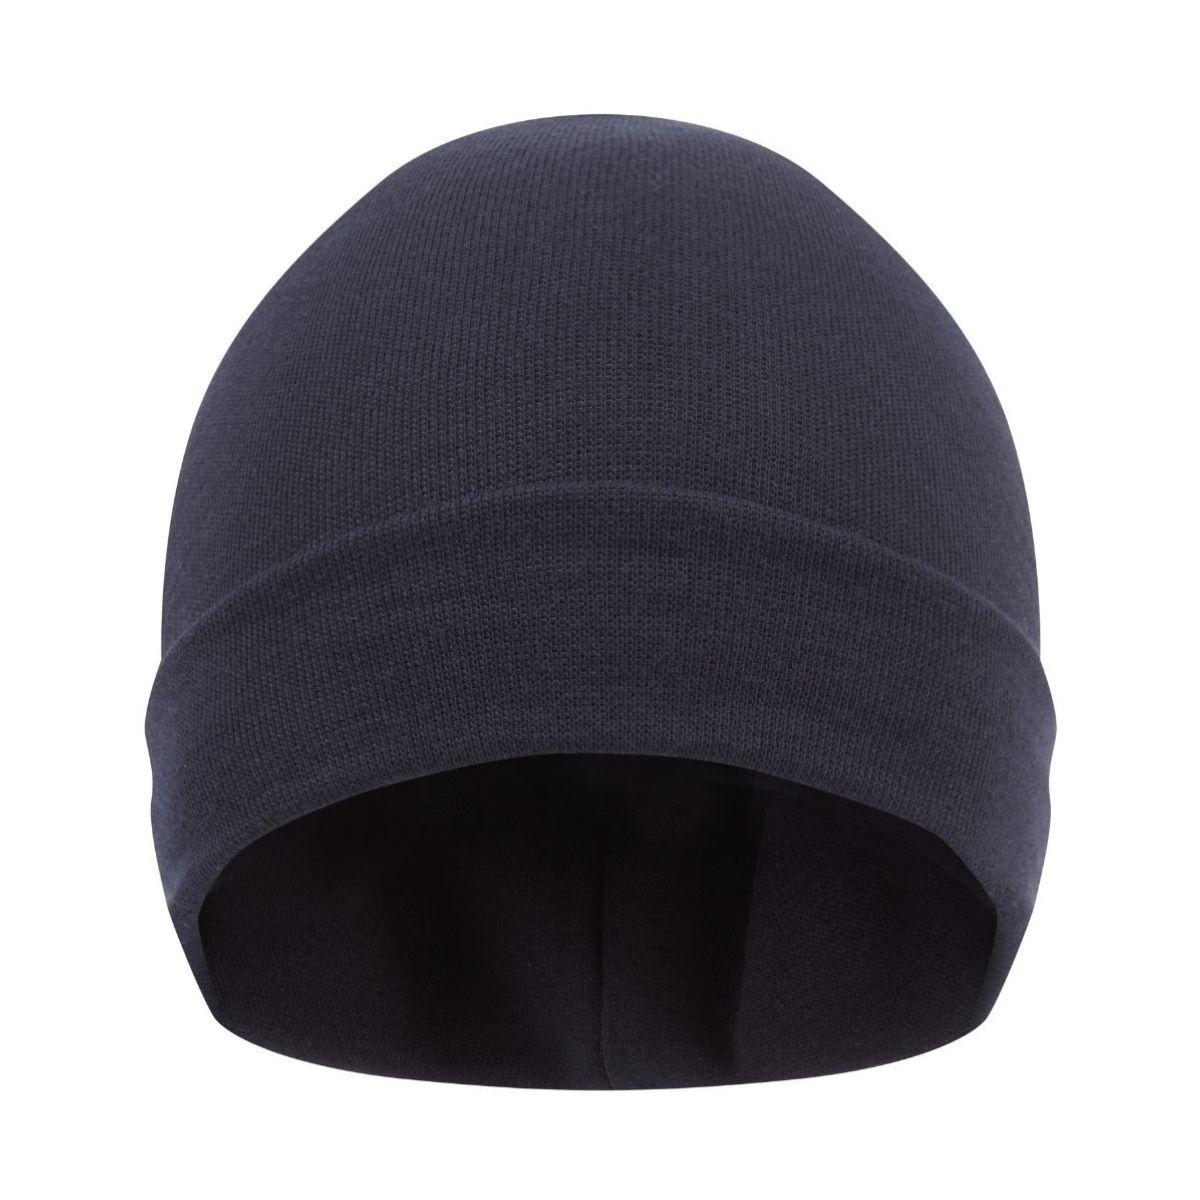 AS2498 HAZTEC® Forvie FR AS Inherent Winter Beanie Hat